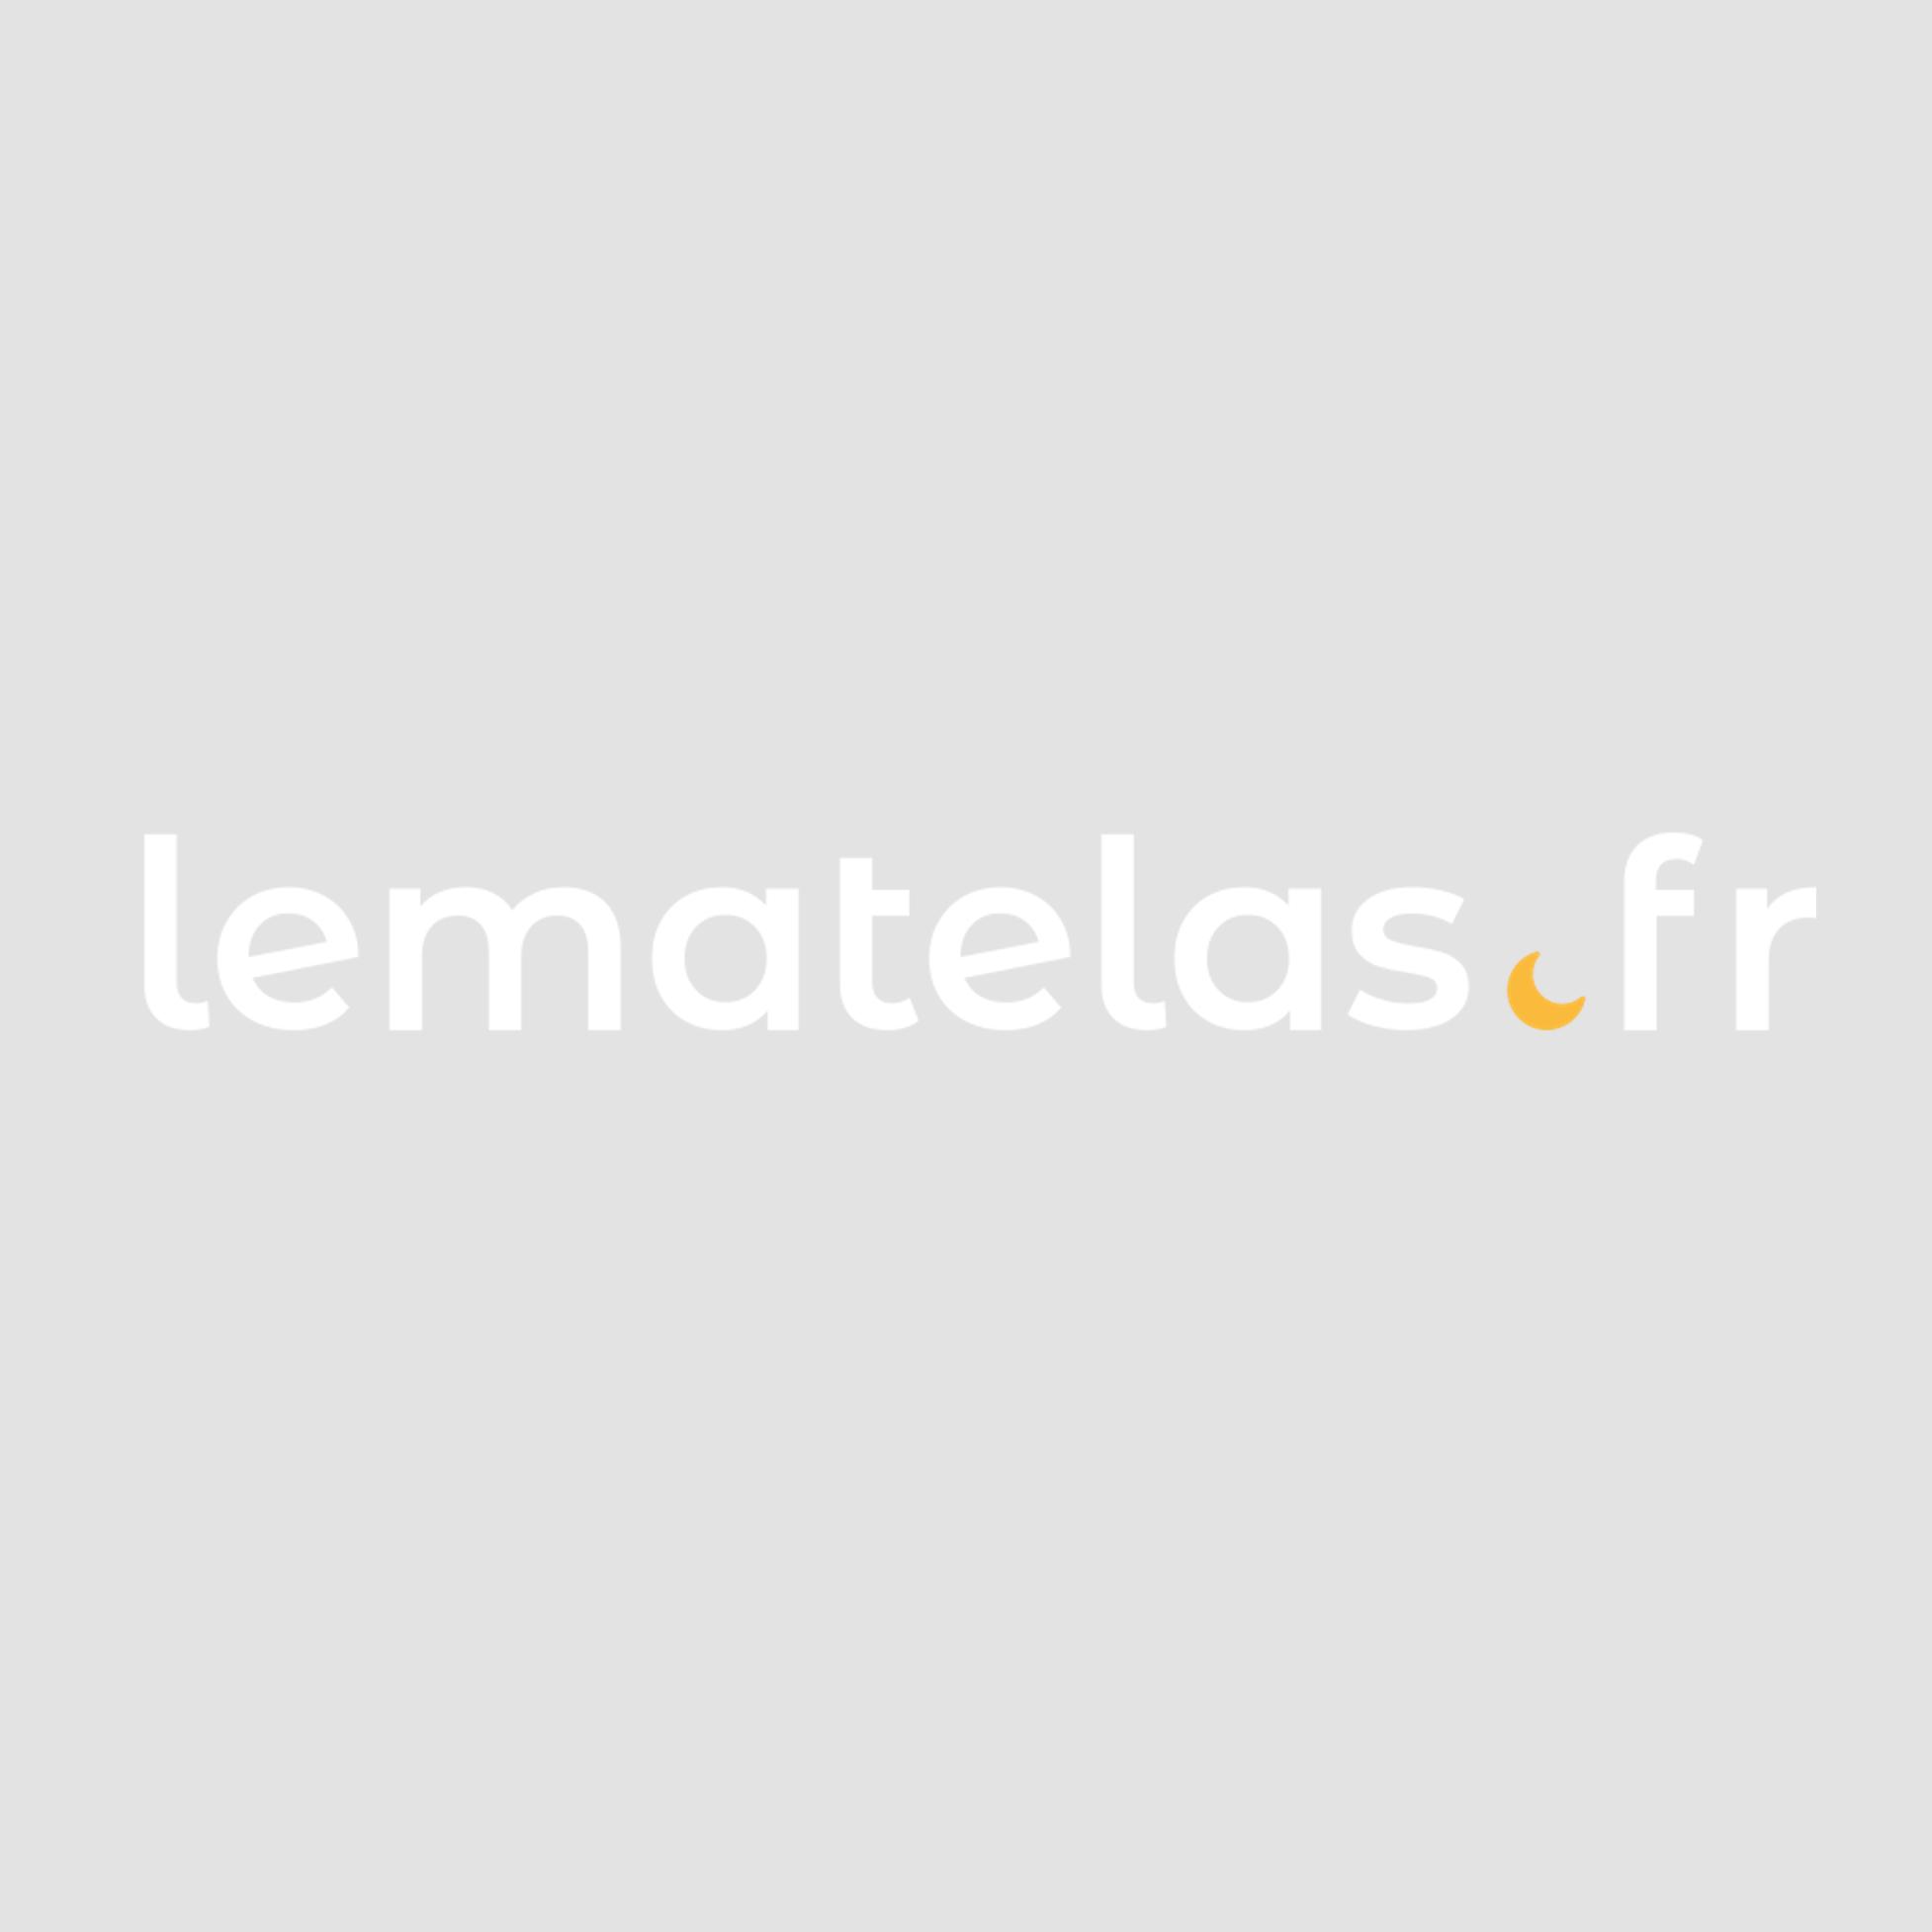 Ptit Basile Lot de 2 draps housses bébé jersey bio blanc et jaune or 70x140